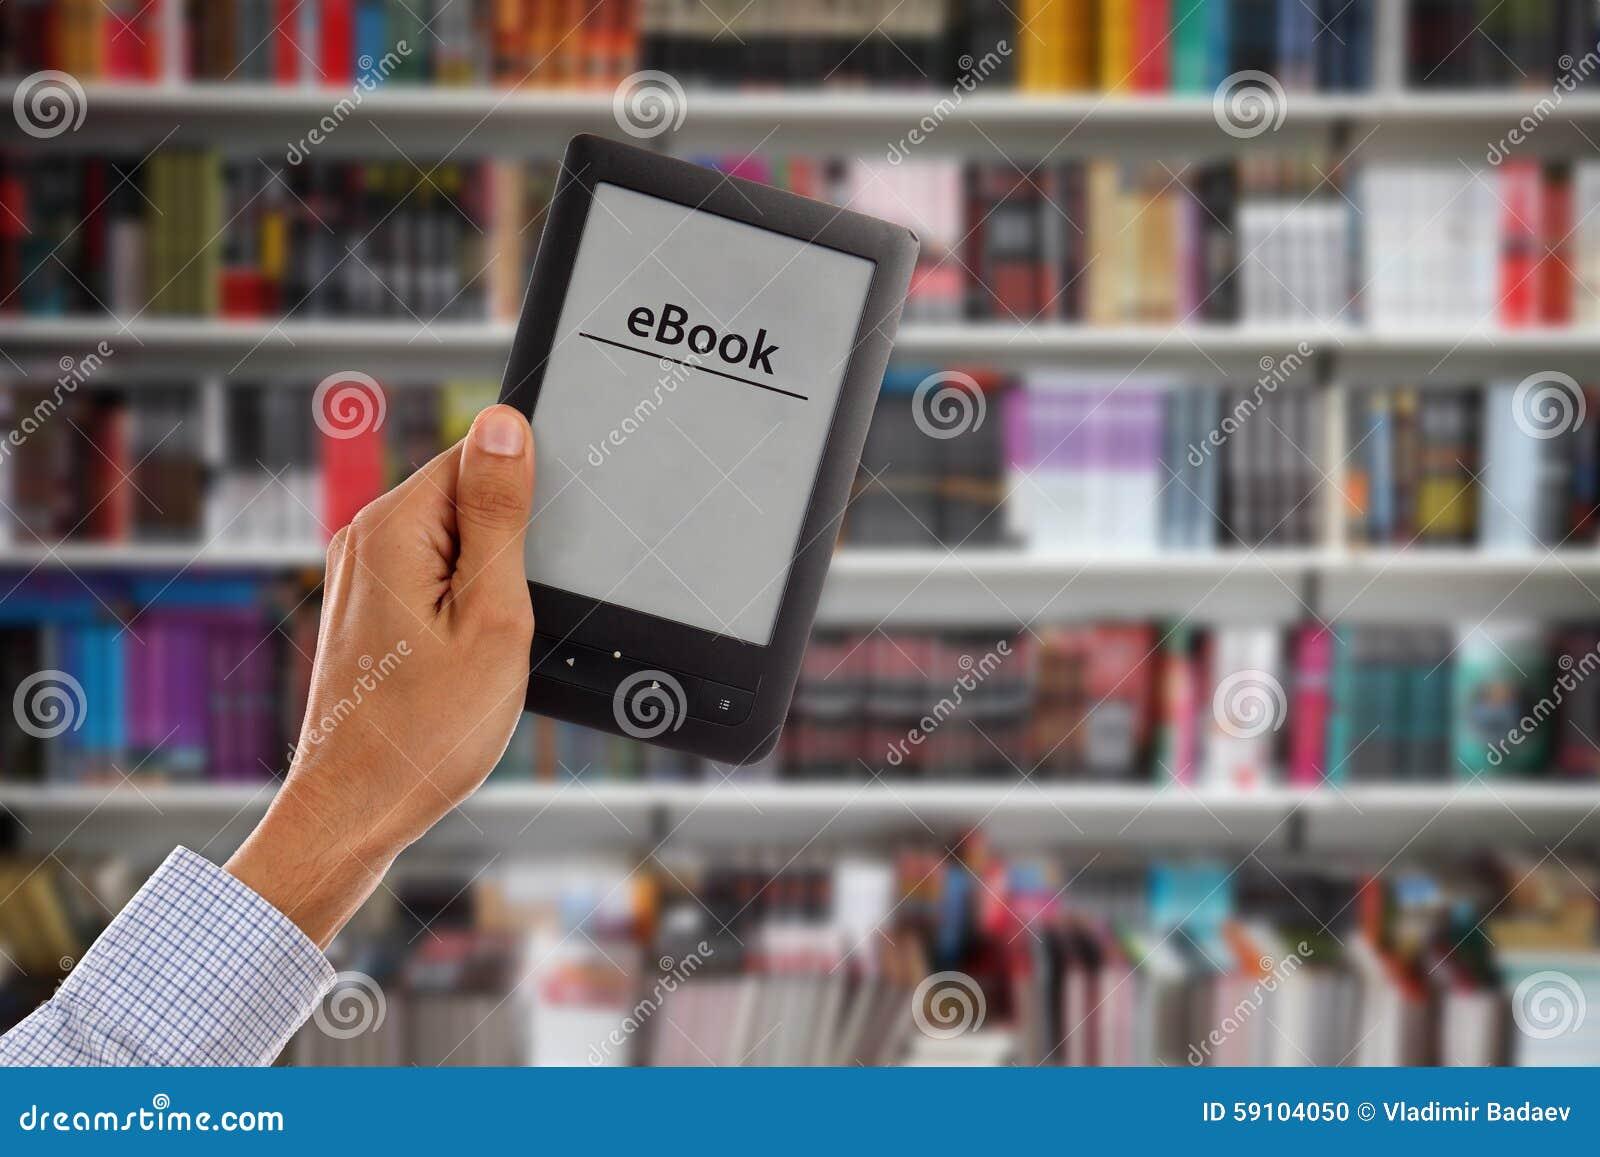 拿着与图书馆shelfs的Male's手空的e书在backgr